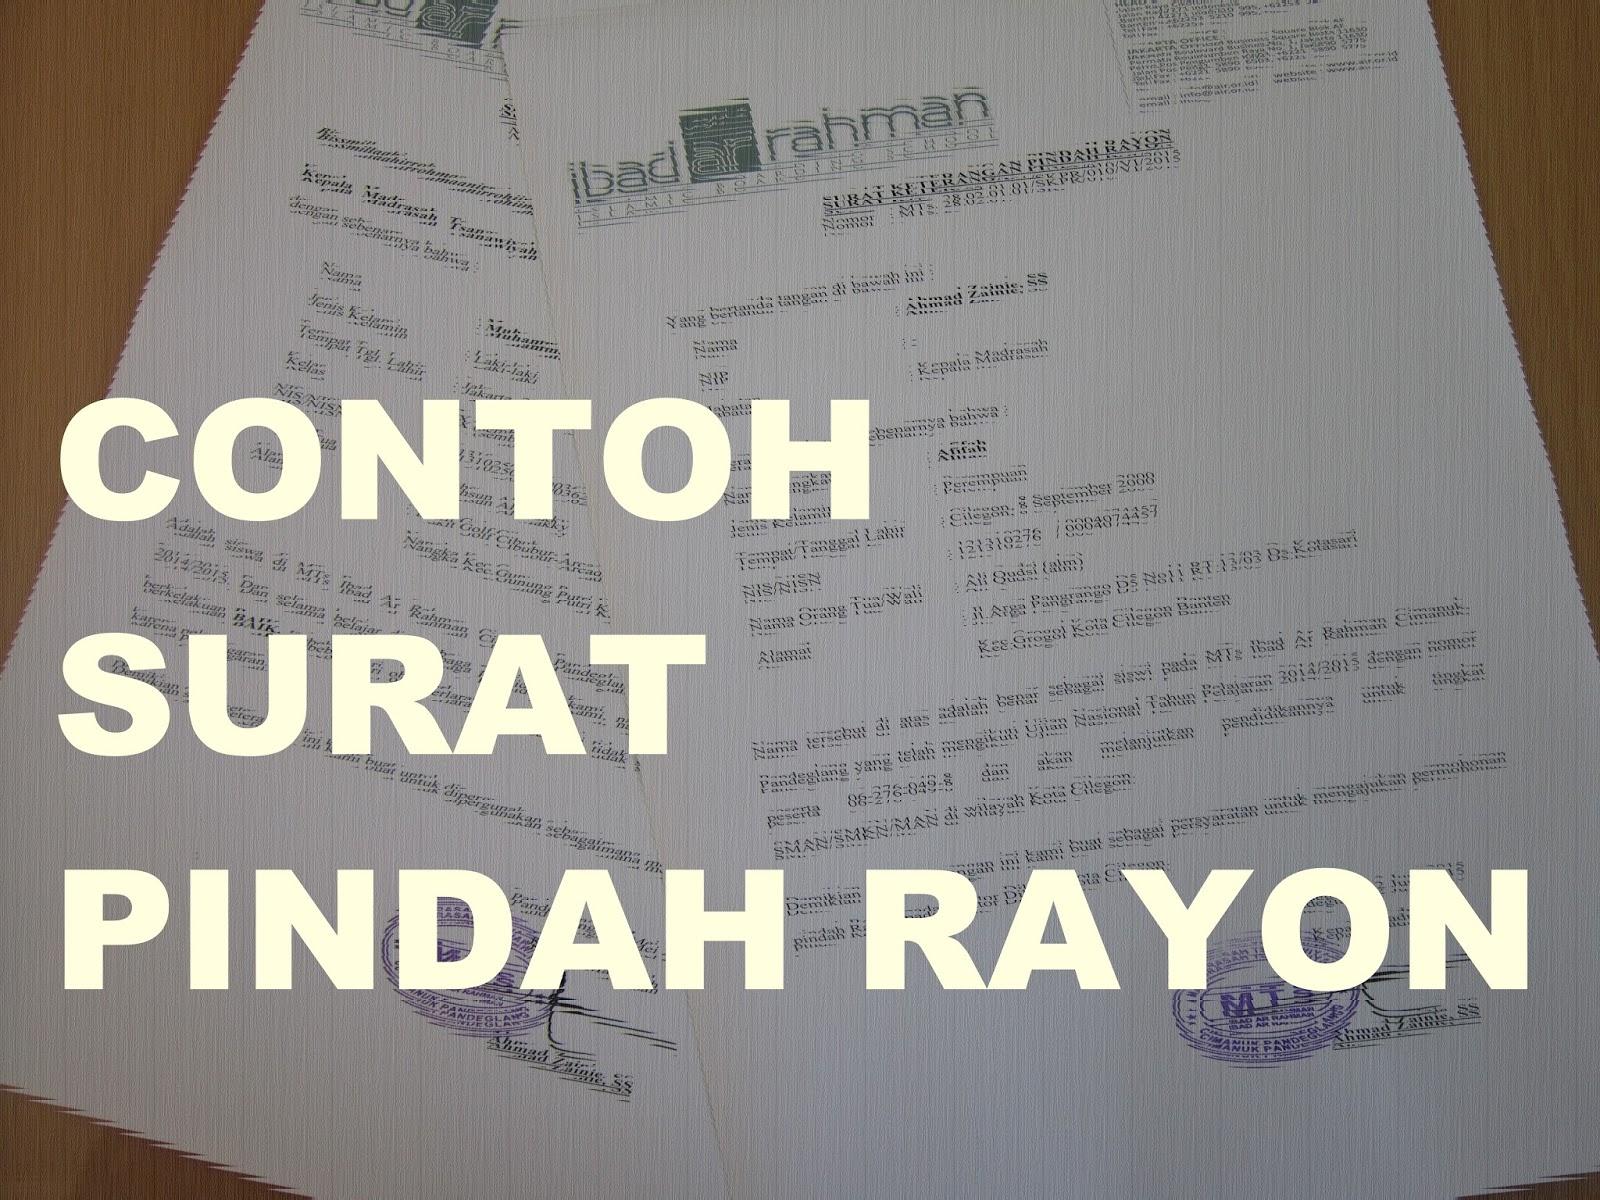 Contoh Surat Keterangan Pindah Rayon Guru Madrasah